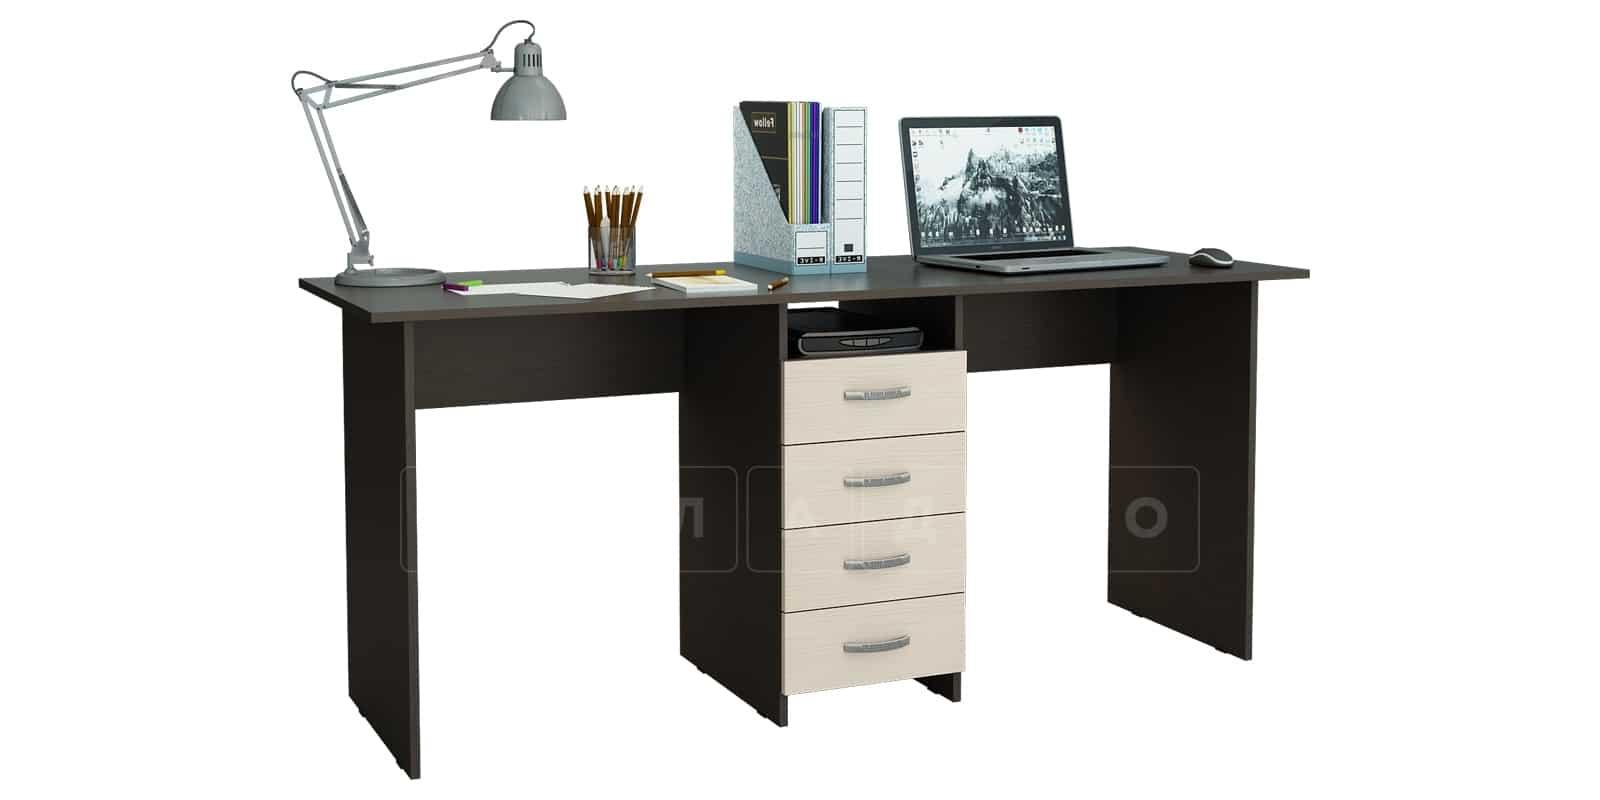 Офисный стол Кейптаун 4 ящика фото 2 | интернет-магазин Складно